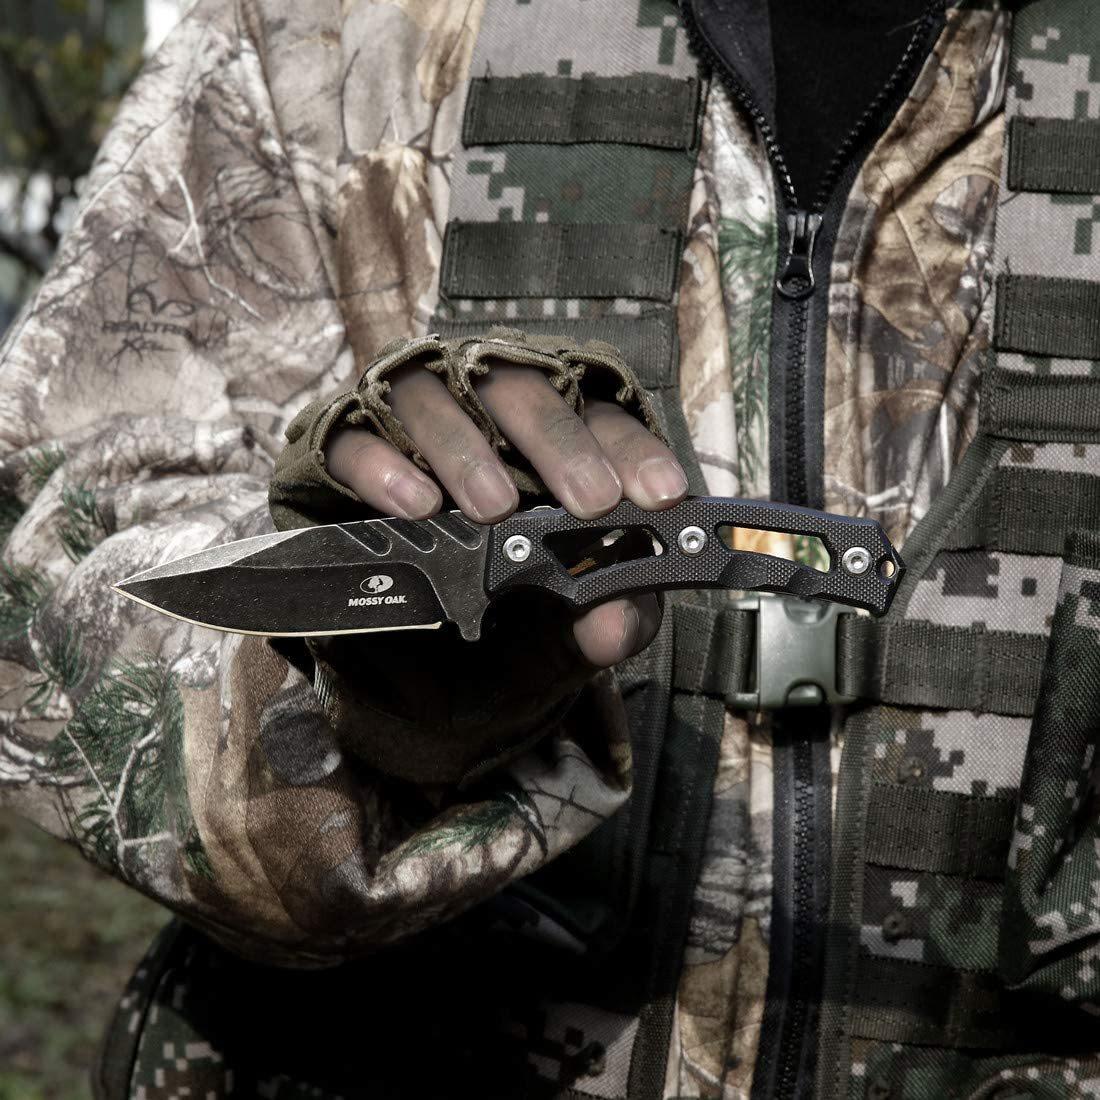 【送料無料】MOSSY OAK ナイフ シースナイフ フルタング構造 全長190mm G10ハンドル 【ケース付き】 黒 ブラック